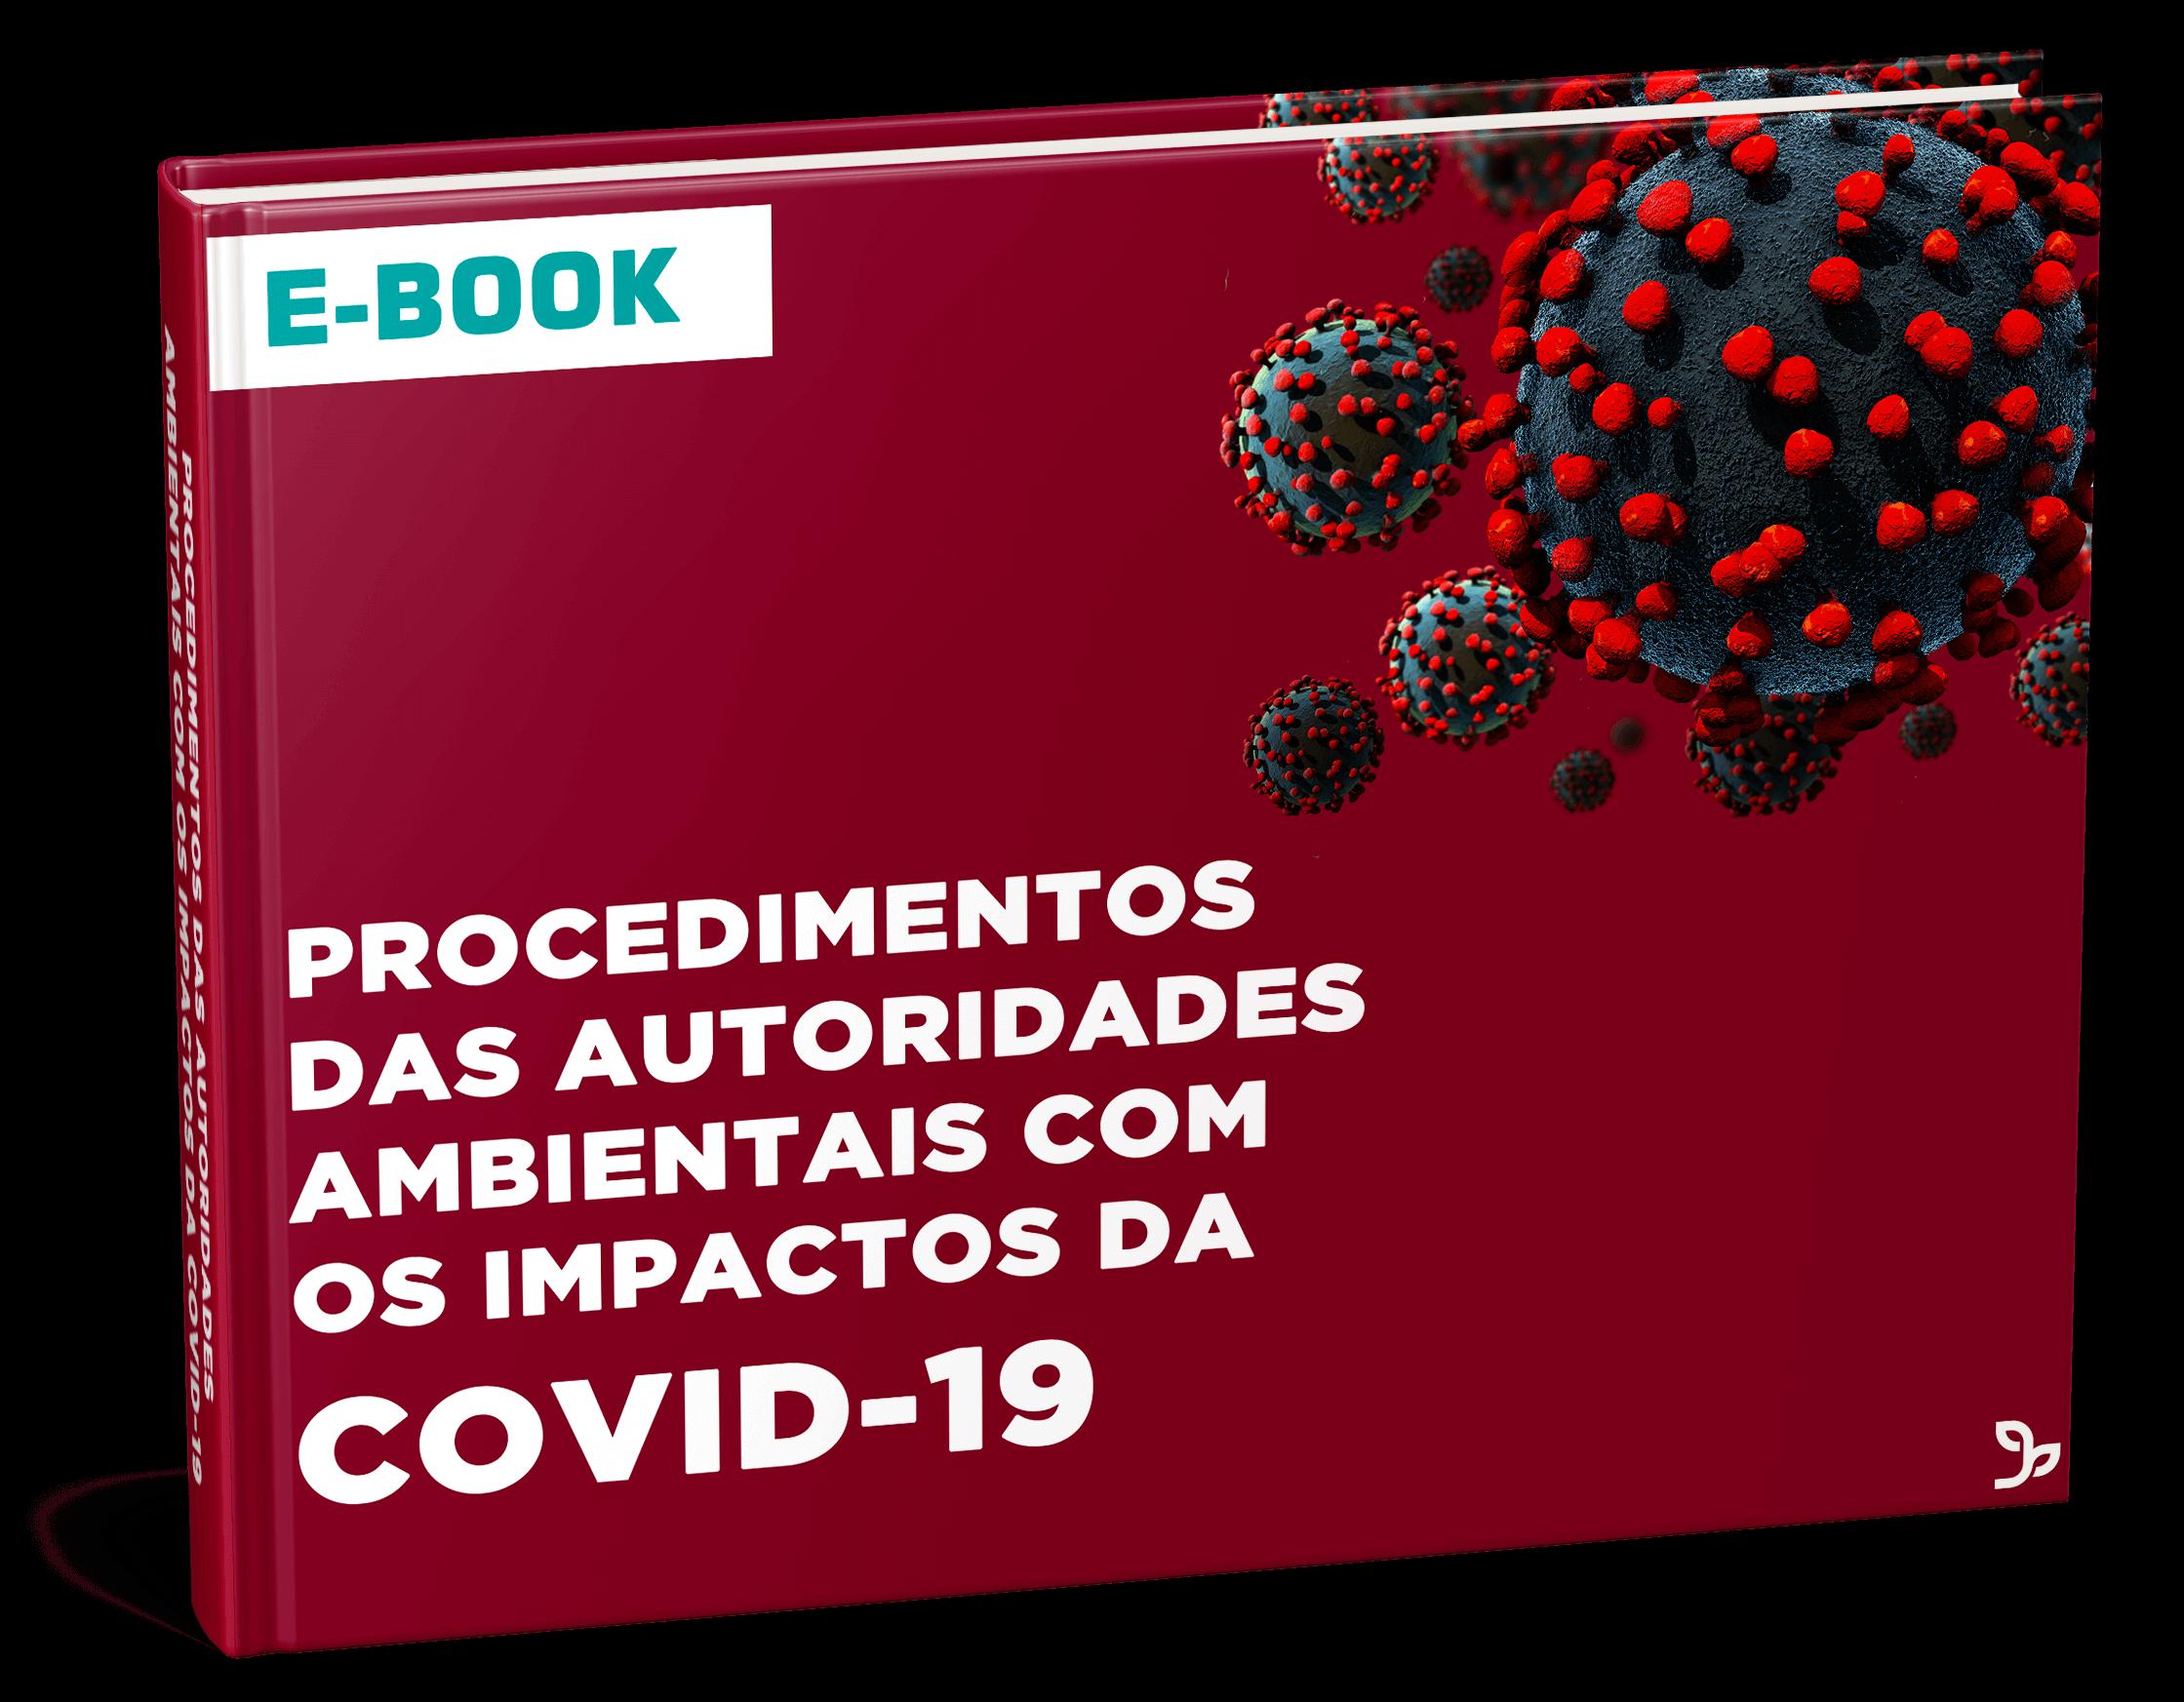 Procedimentos das Autoridades Ambientais com os Impactos do Vírus COVID-19